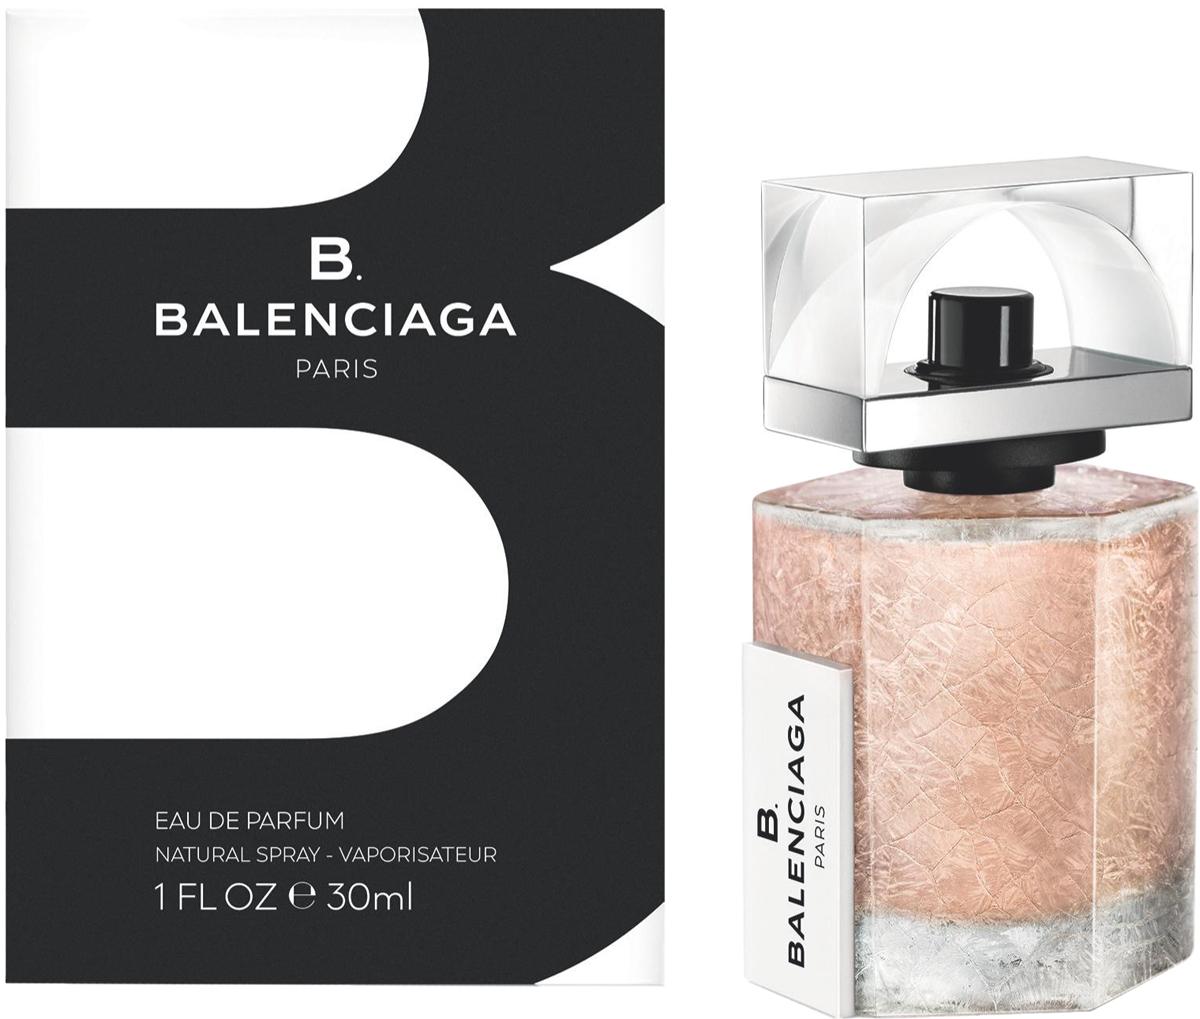 Balenciaga B. Парфюмерная вода женская, 30 мл